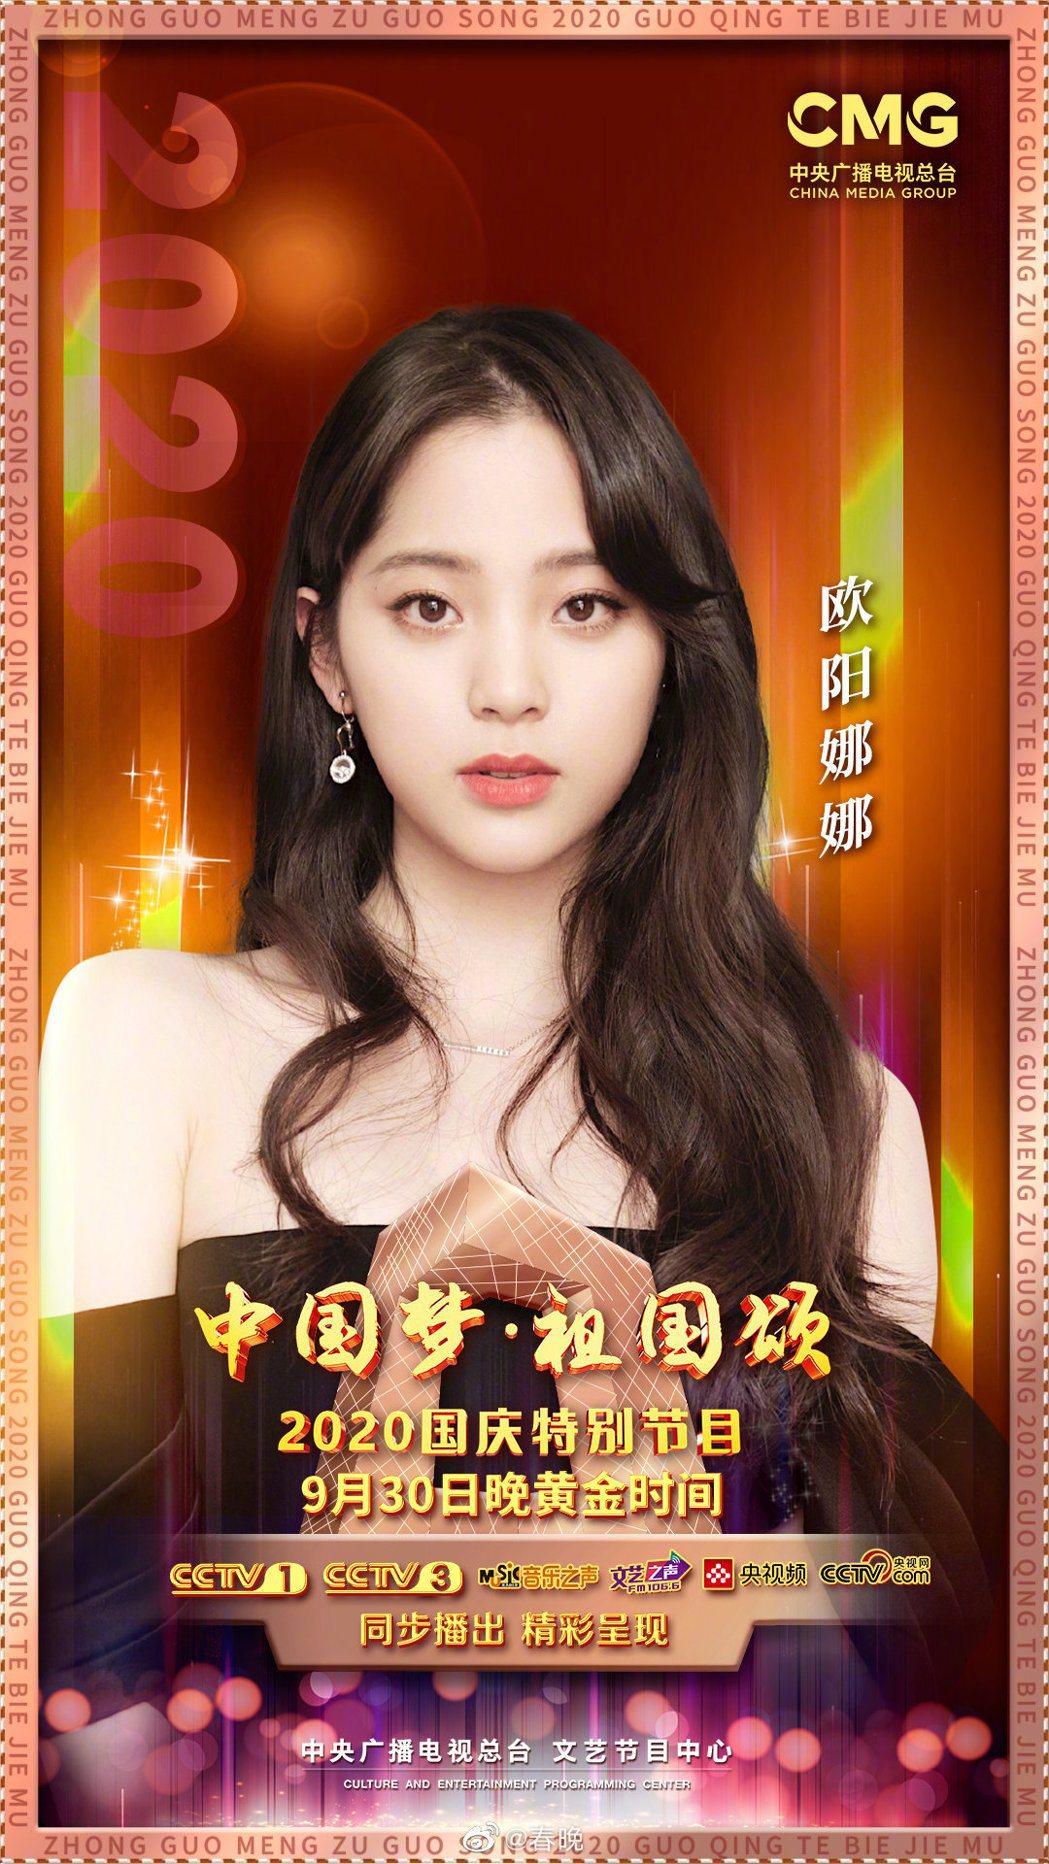 歐陽娜娜登上中國大陸國慶晚會。 圖/擷自微博